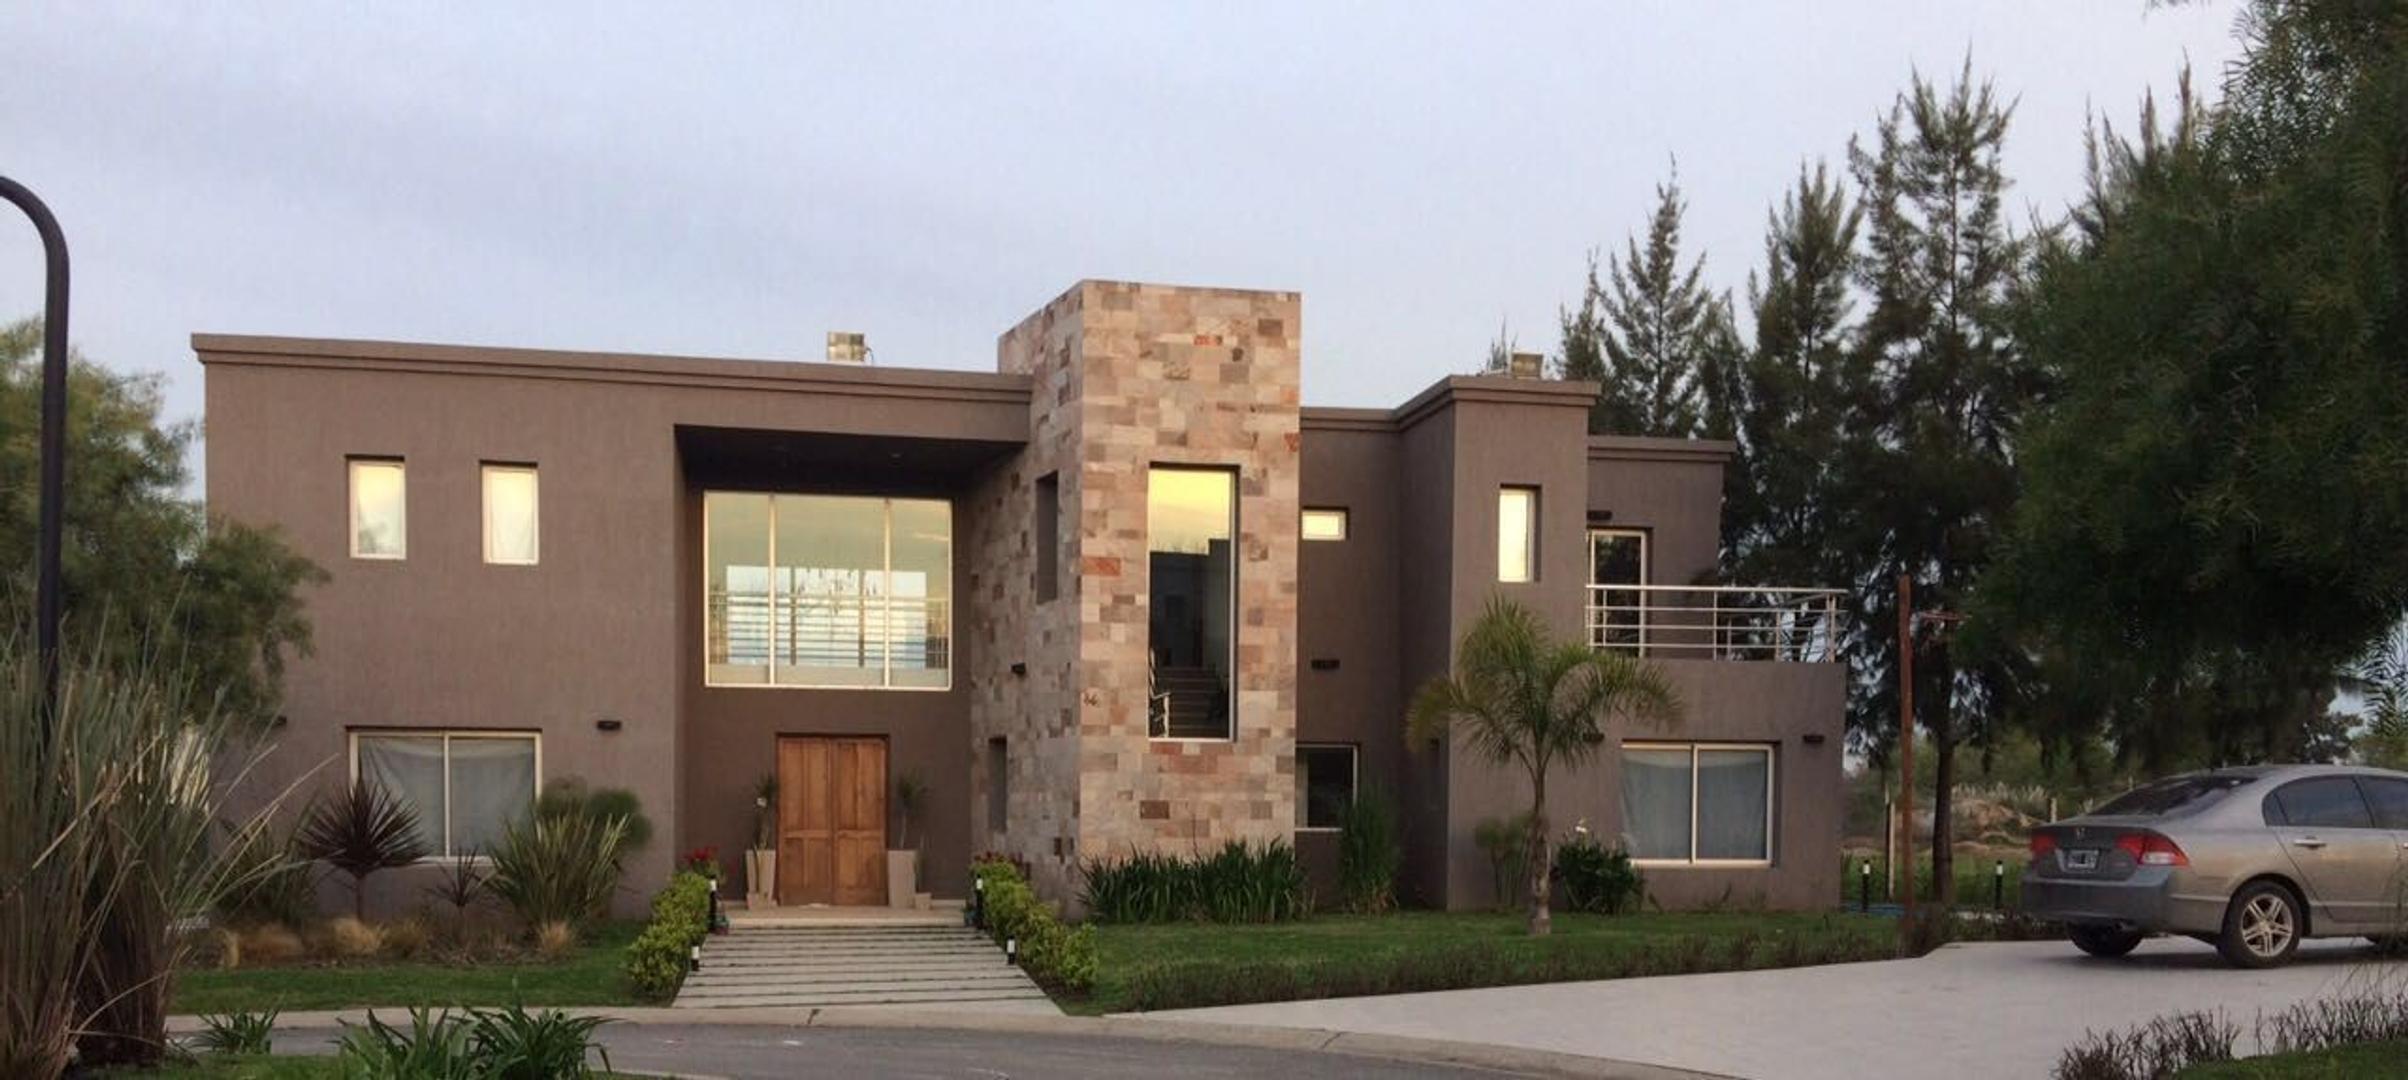 Casa  en Venta ubicado en Bella Vista, Zona Norte - BVA0748_LP118270_1